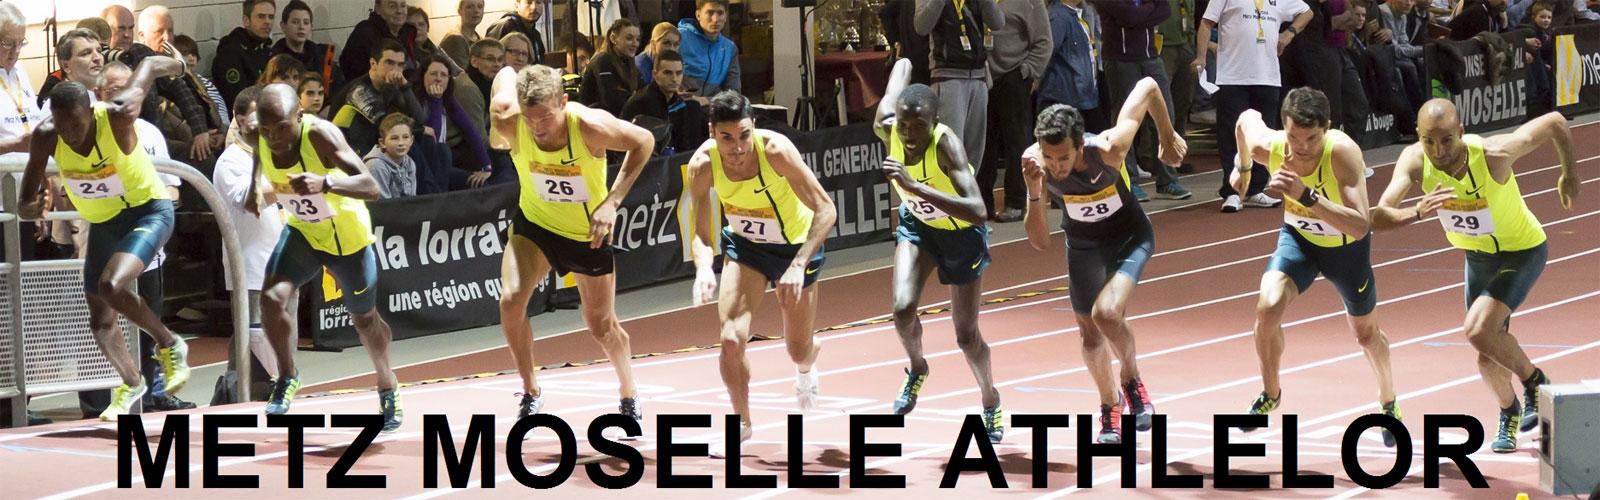 Athlélor à Metz : le rendez-vous des fans d'athlétisme